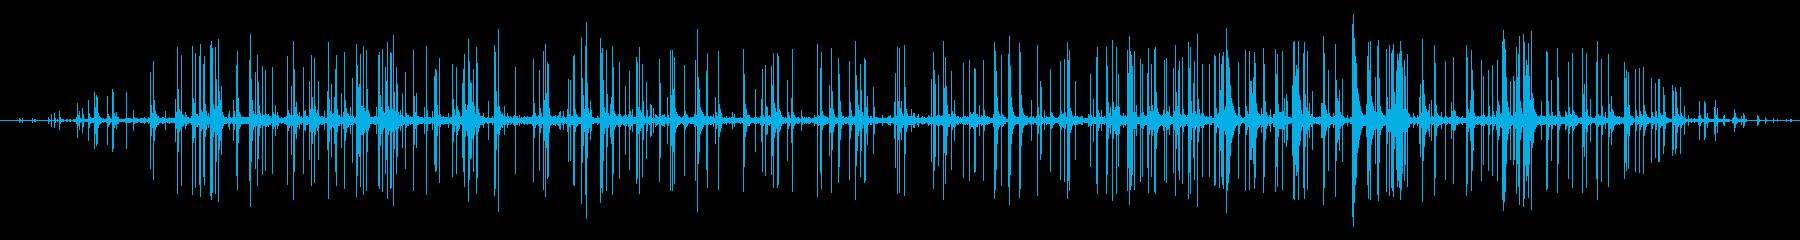 木が燃える音の再生済みの波形